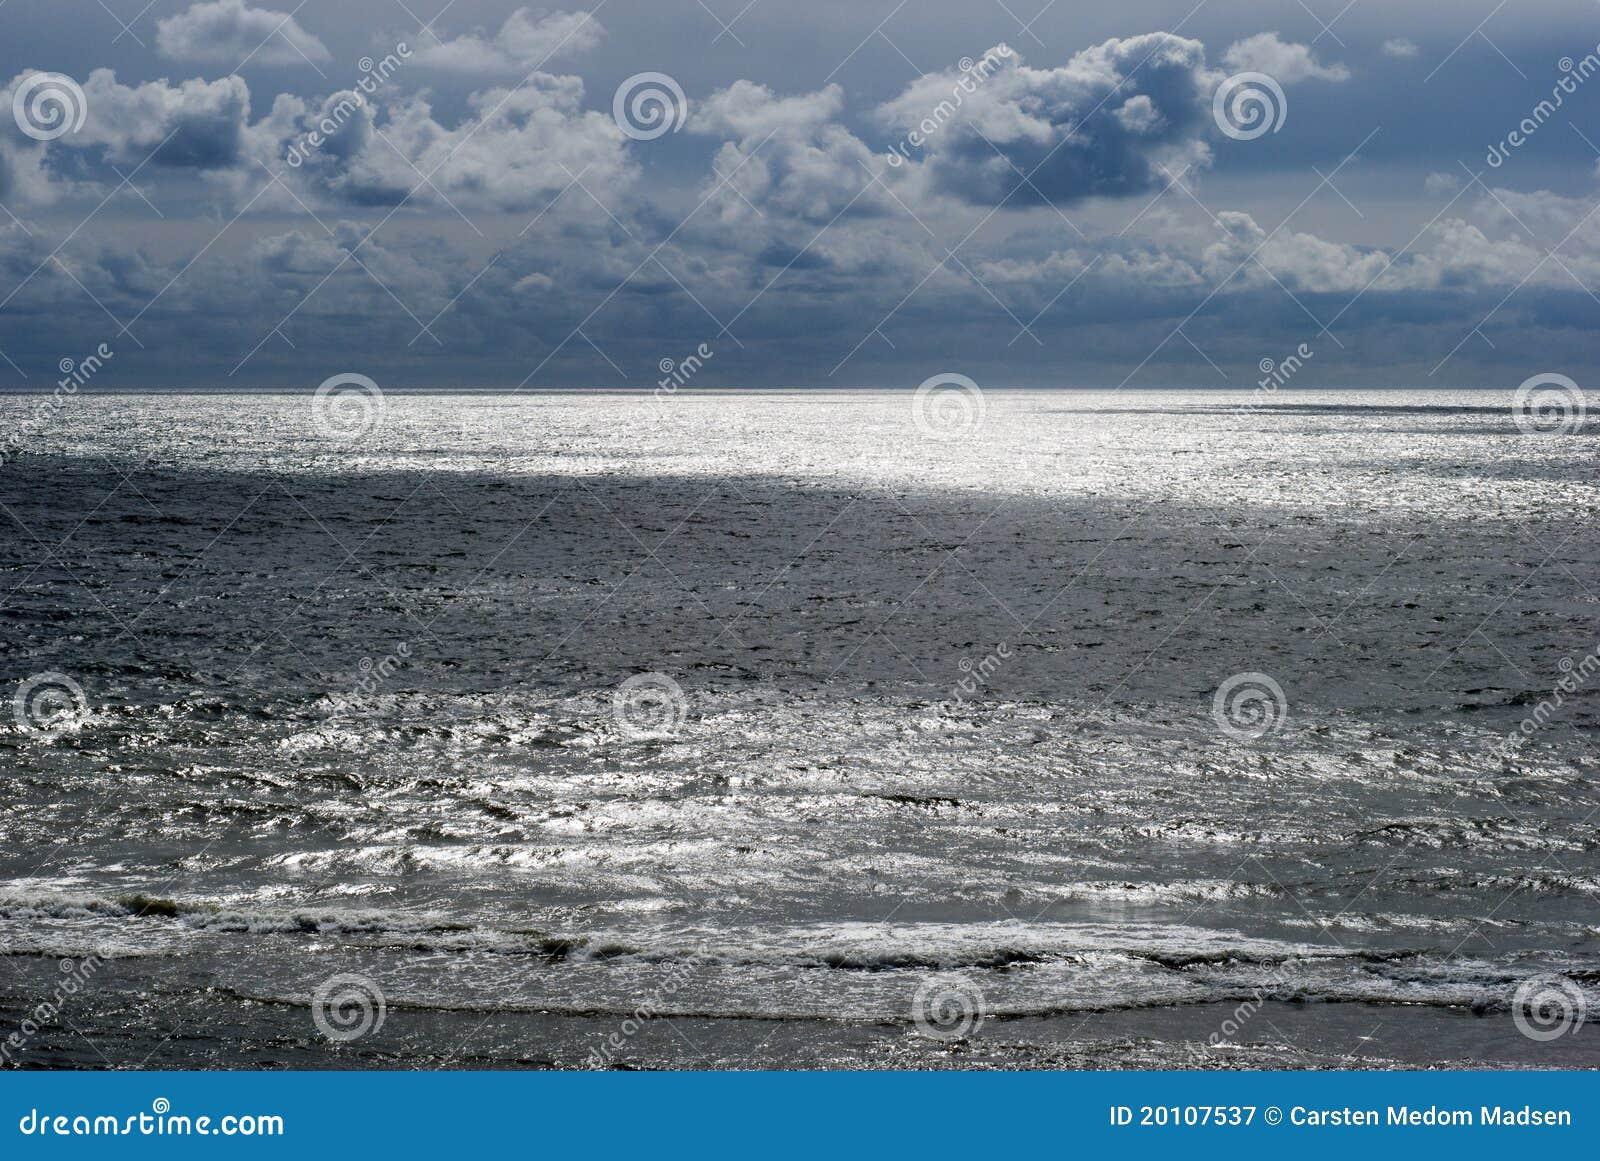 Sunny North Sea